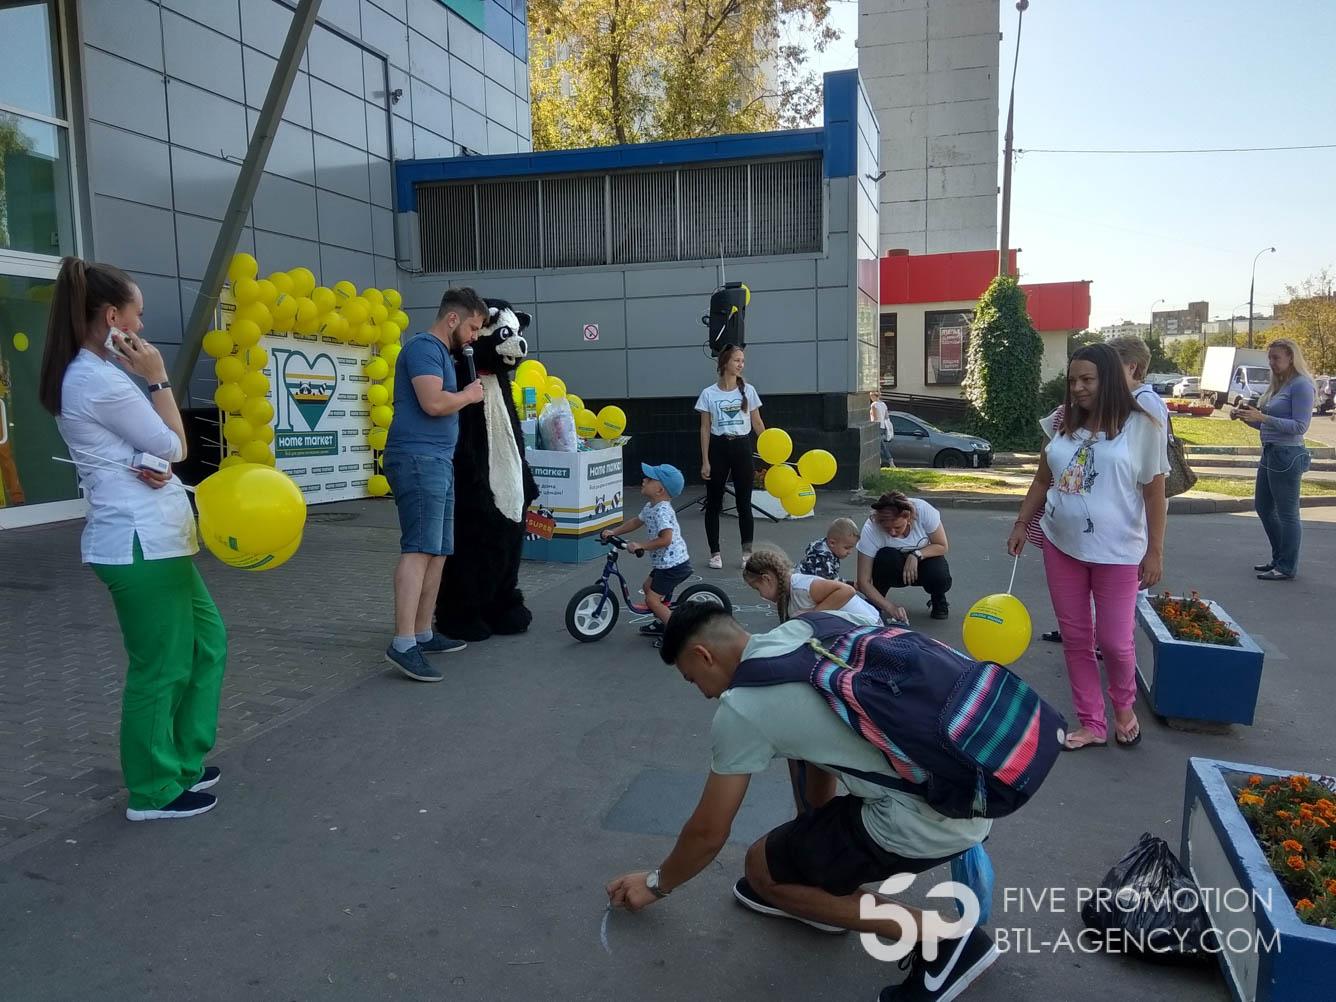 праздничное открытие магазина, промоутер, промо акция, ведущий, аниматоры, ростовая кукла